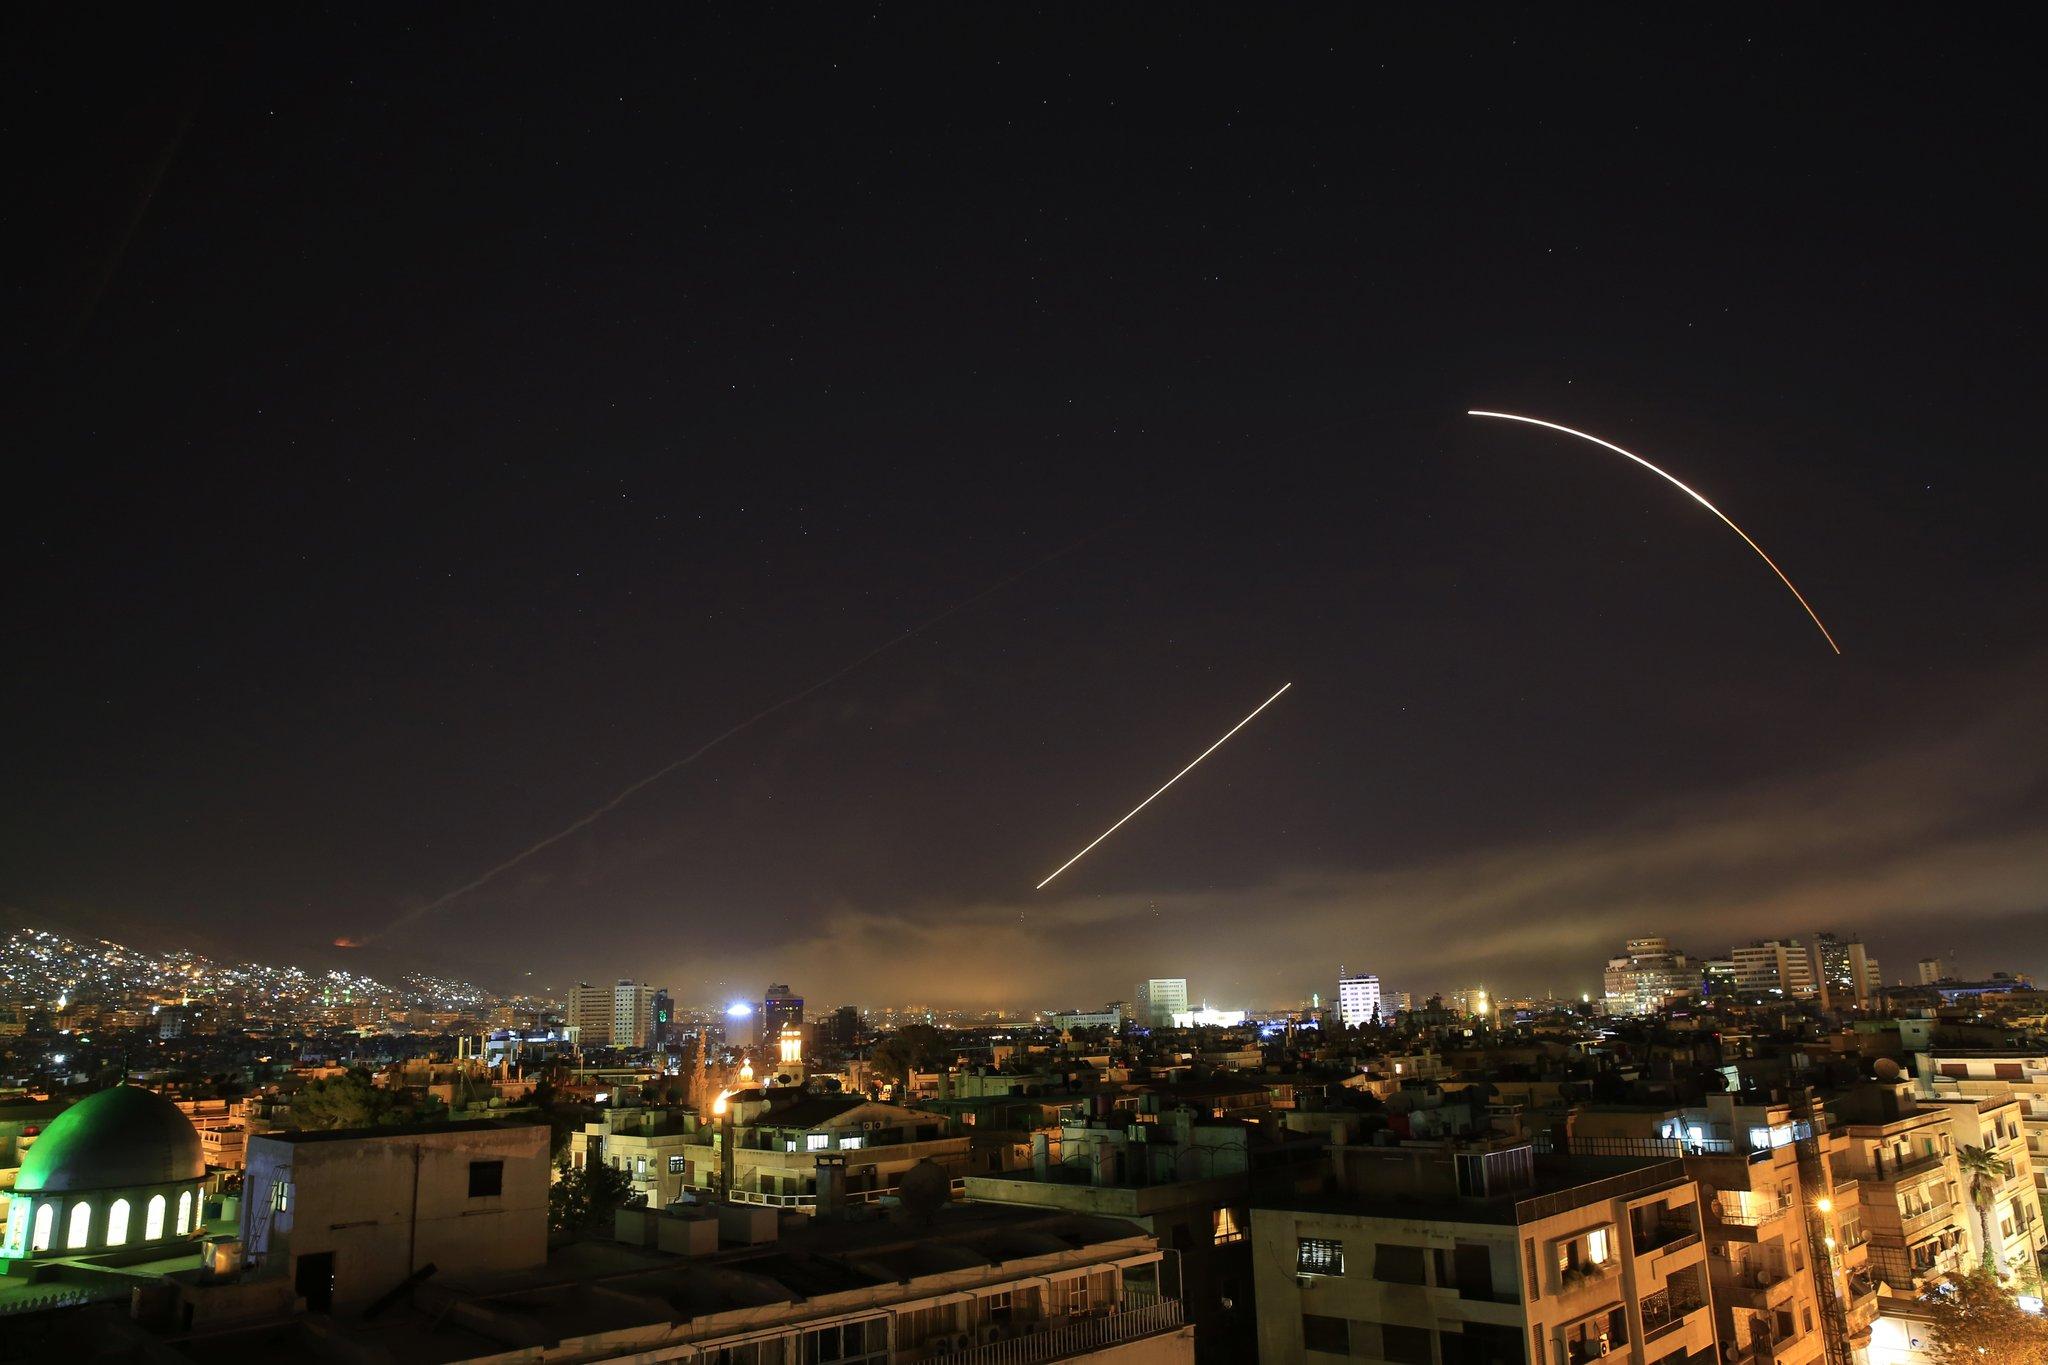 EEUU, Reino Unido, y Francia bombardearon Siria